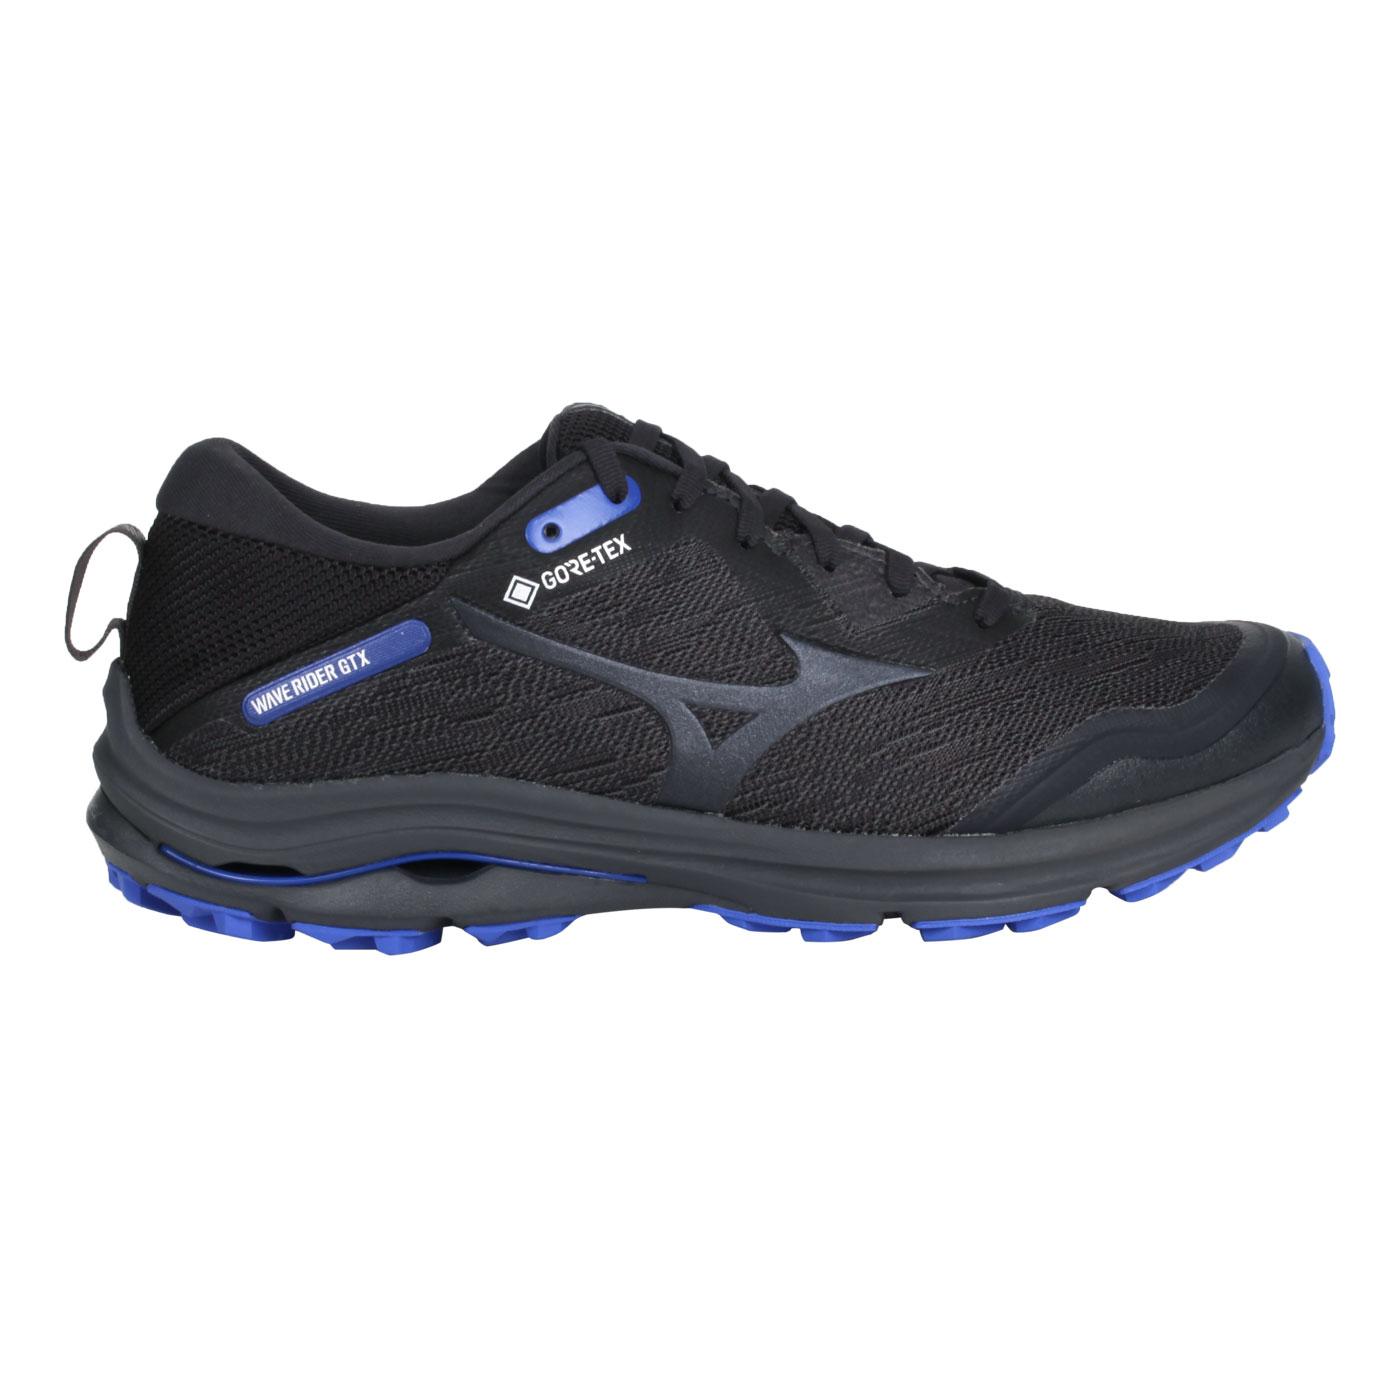 MIZUNO 男款慢跑鞋  @WAVE RIDER GTX@J1GC217913 - 灰紫藍